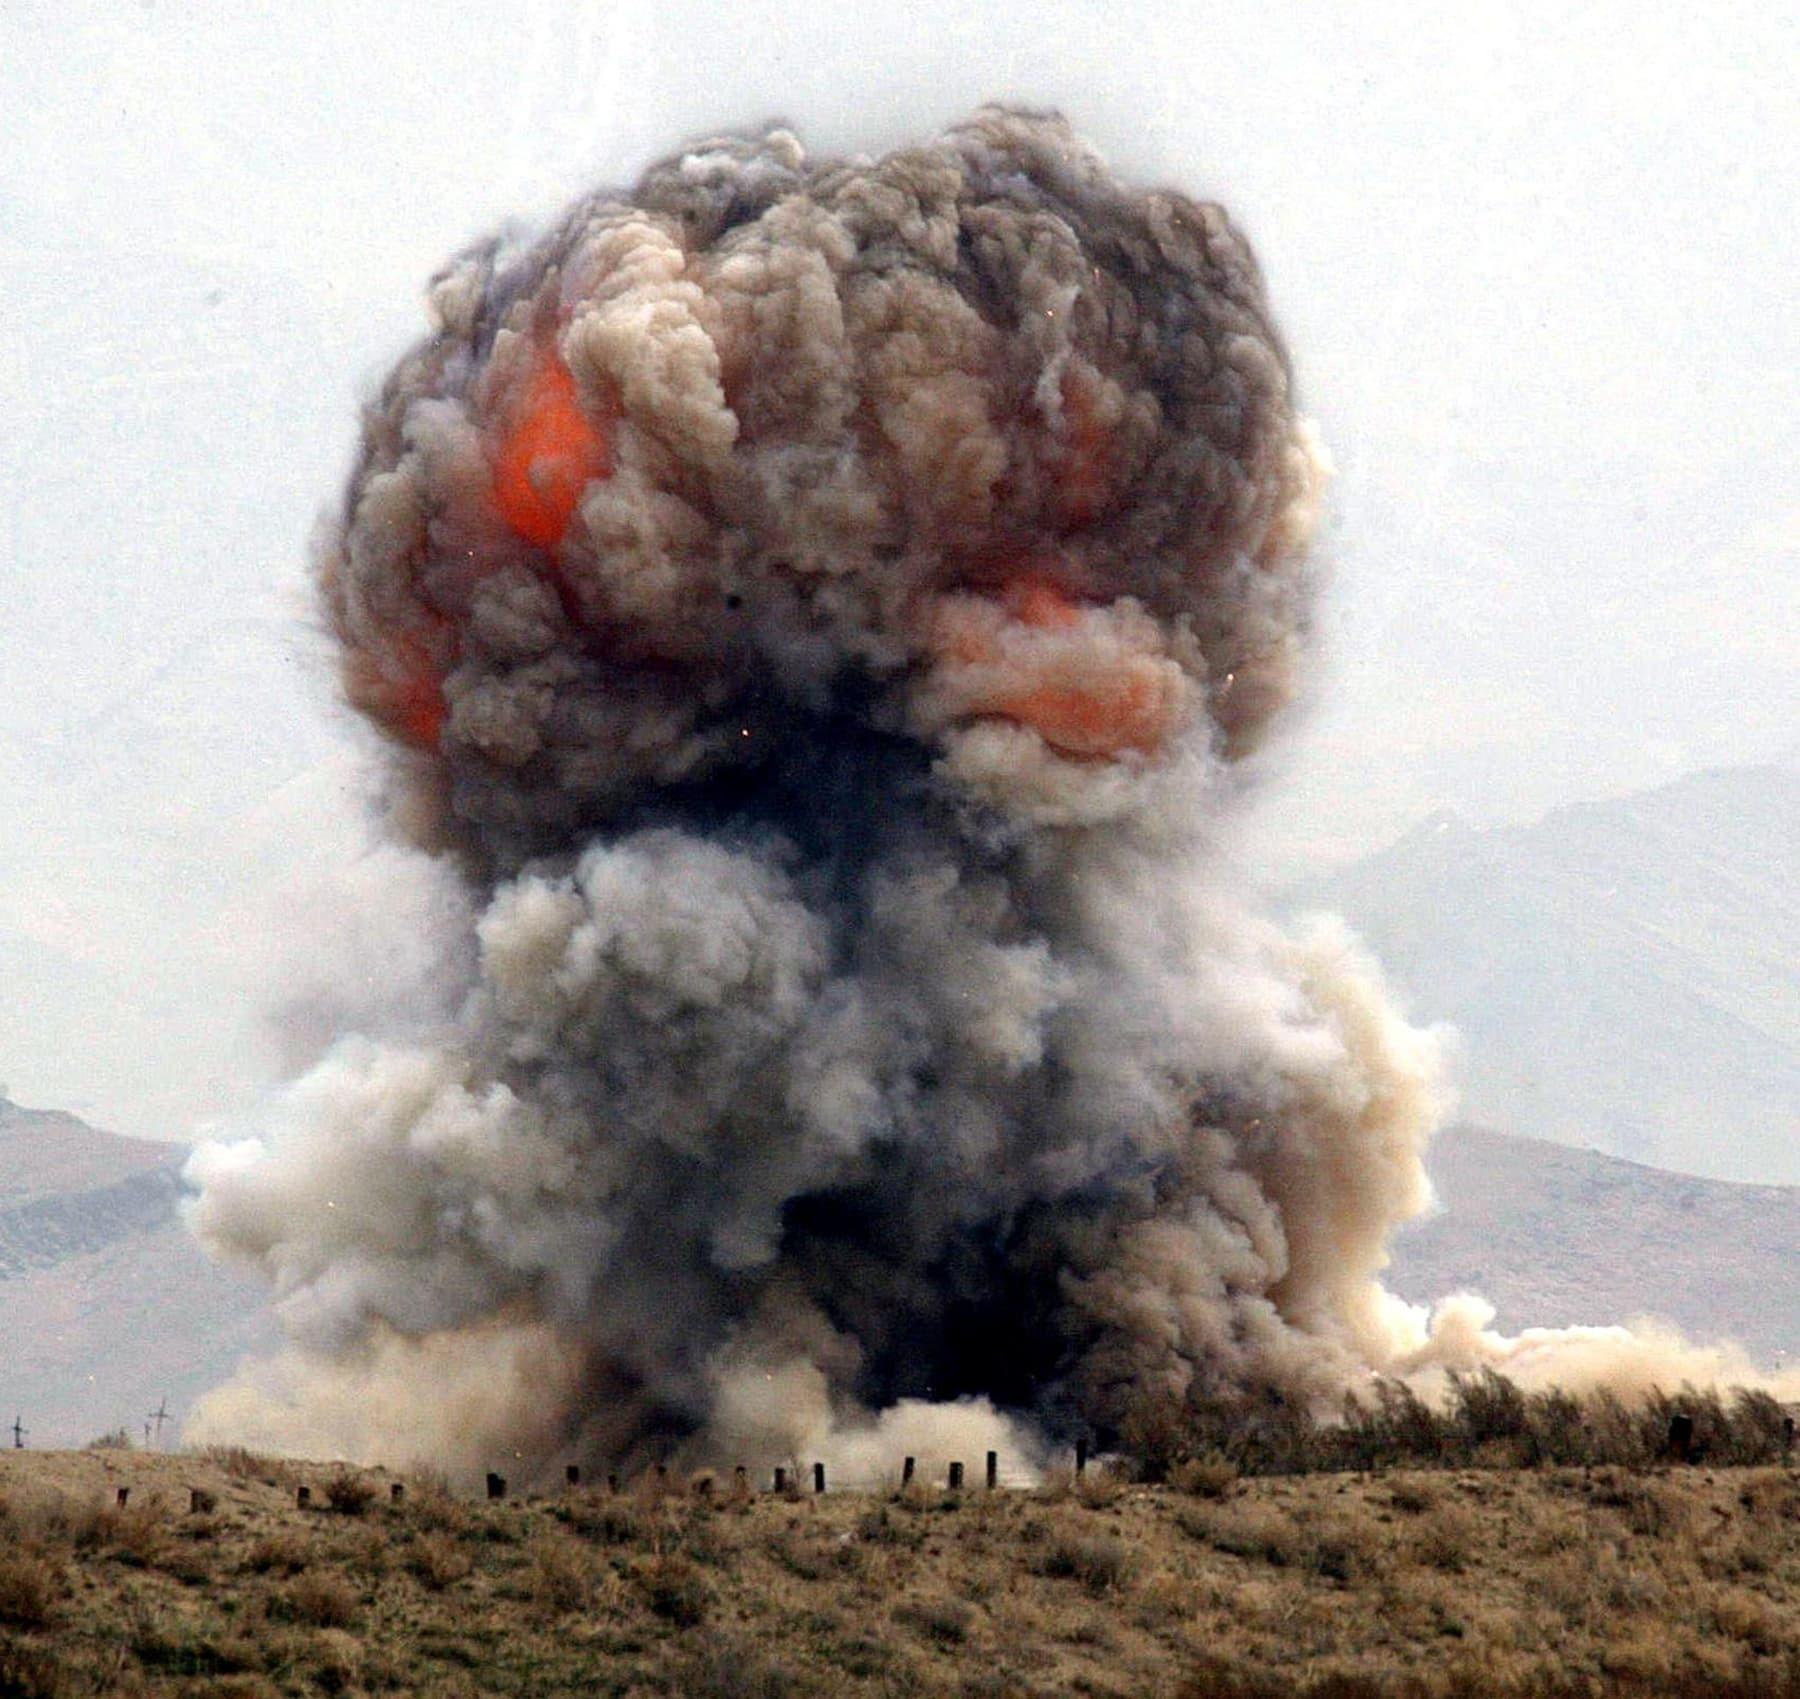 بگرام میں 20 مارچ 2002 کو اسلحے کے ڈپو میں دھماکا ہوا—فائل/فوٹو: اے ایف پی